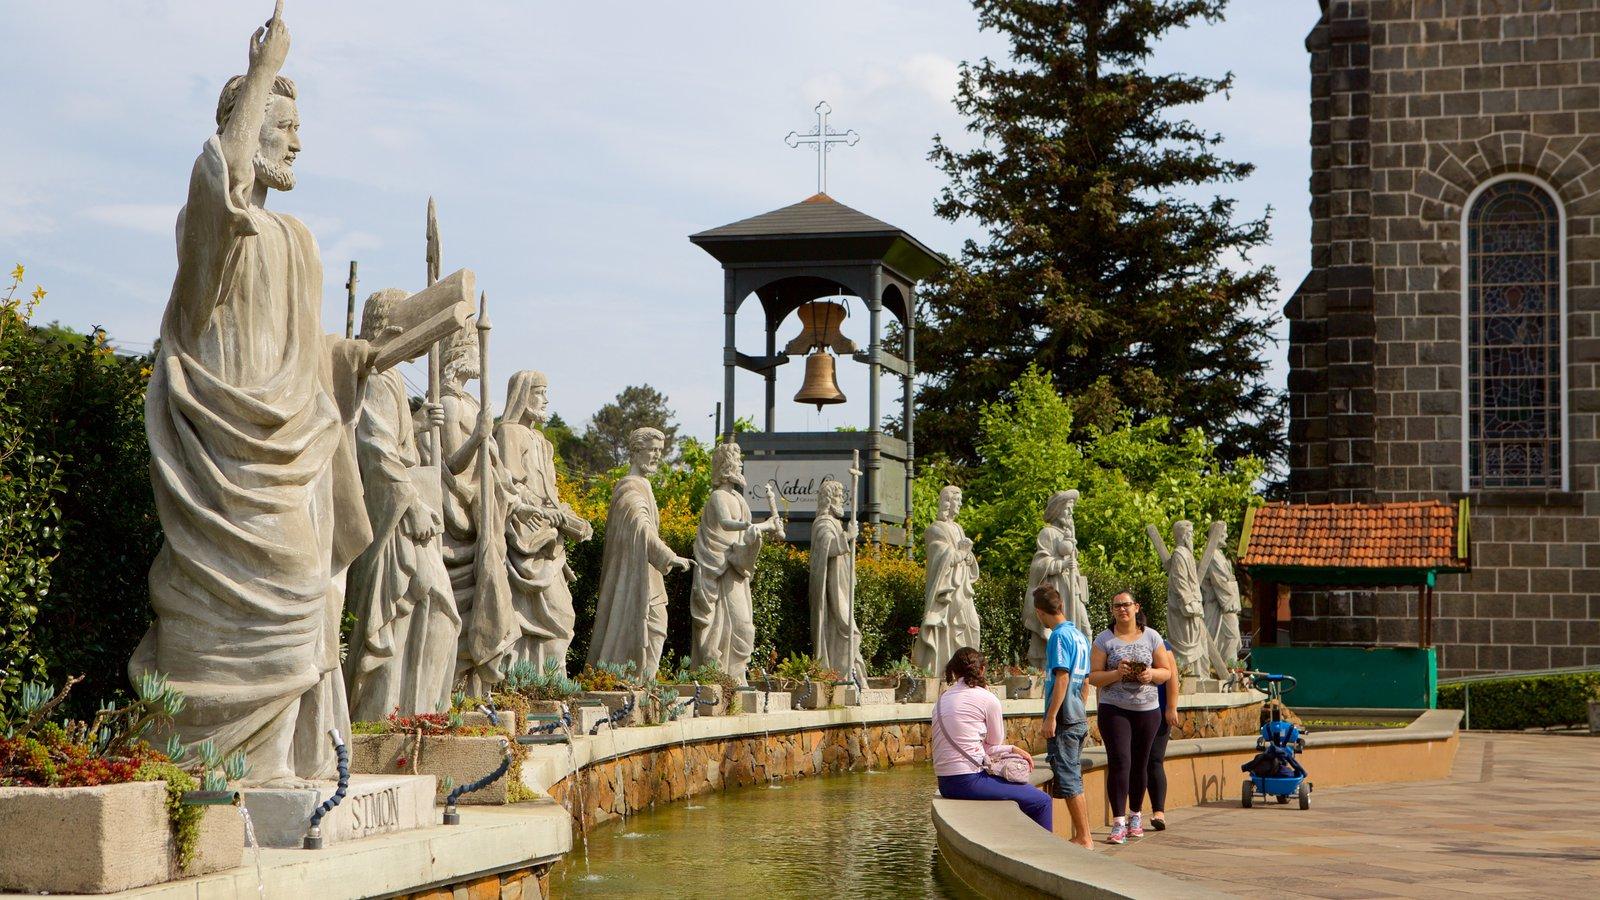 Paróquia de São Pedro Apóstolo mostrando elementos religiosos, uma estátua ou escultura e um lago